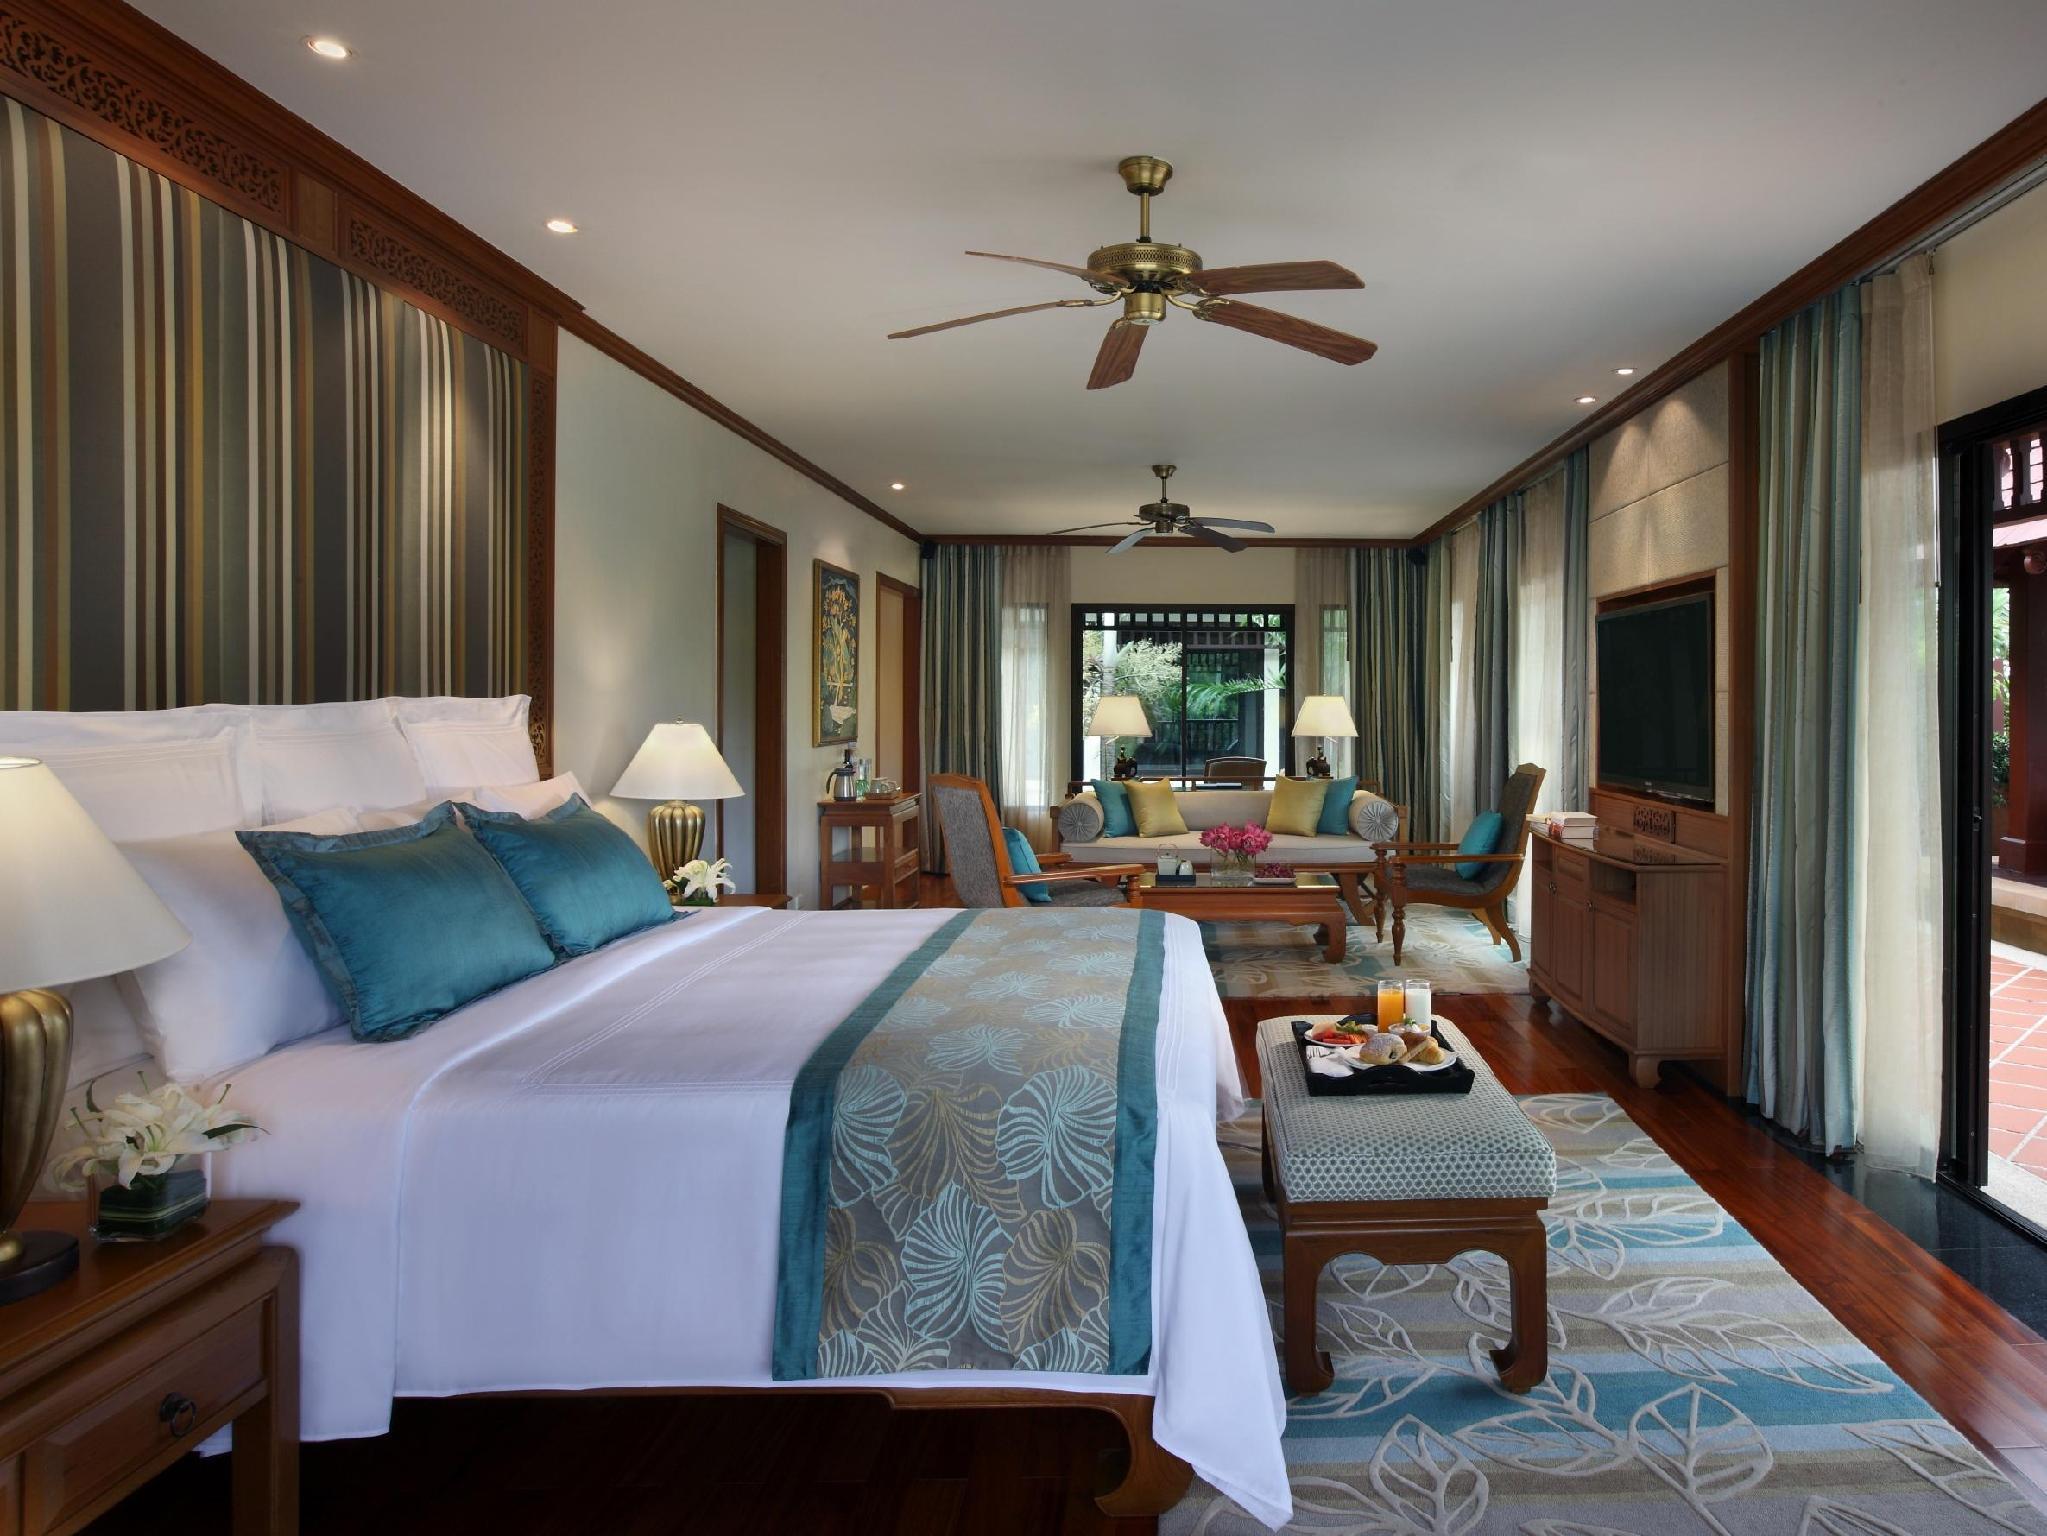 http://pix6.agoda.net/hotelImages/924/9245/9245_15062415220030657758.jpg